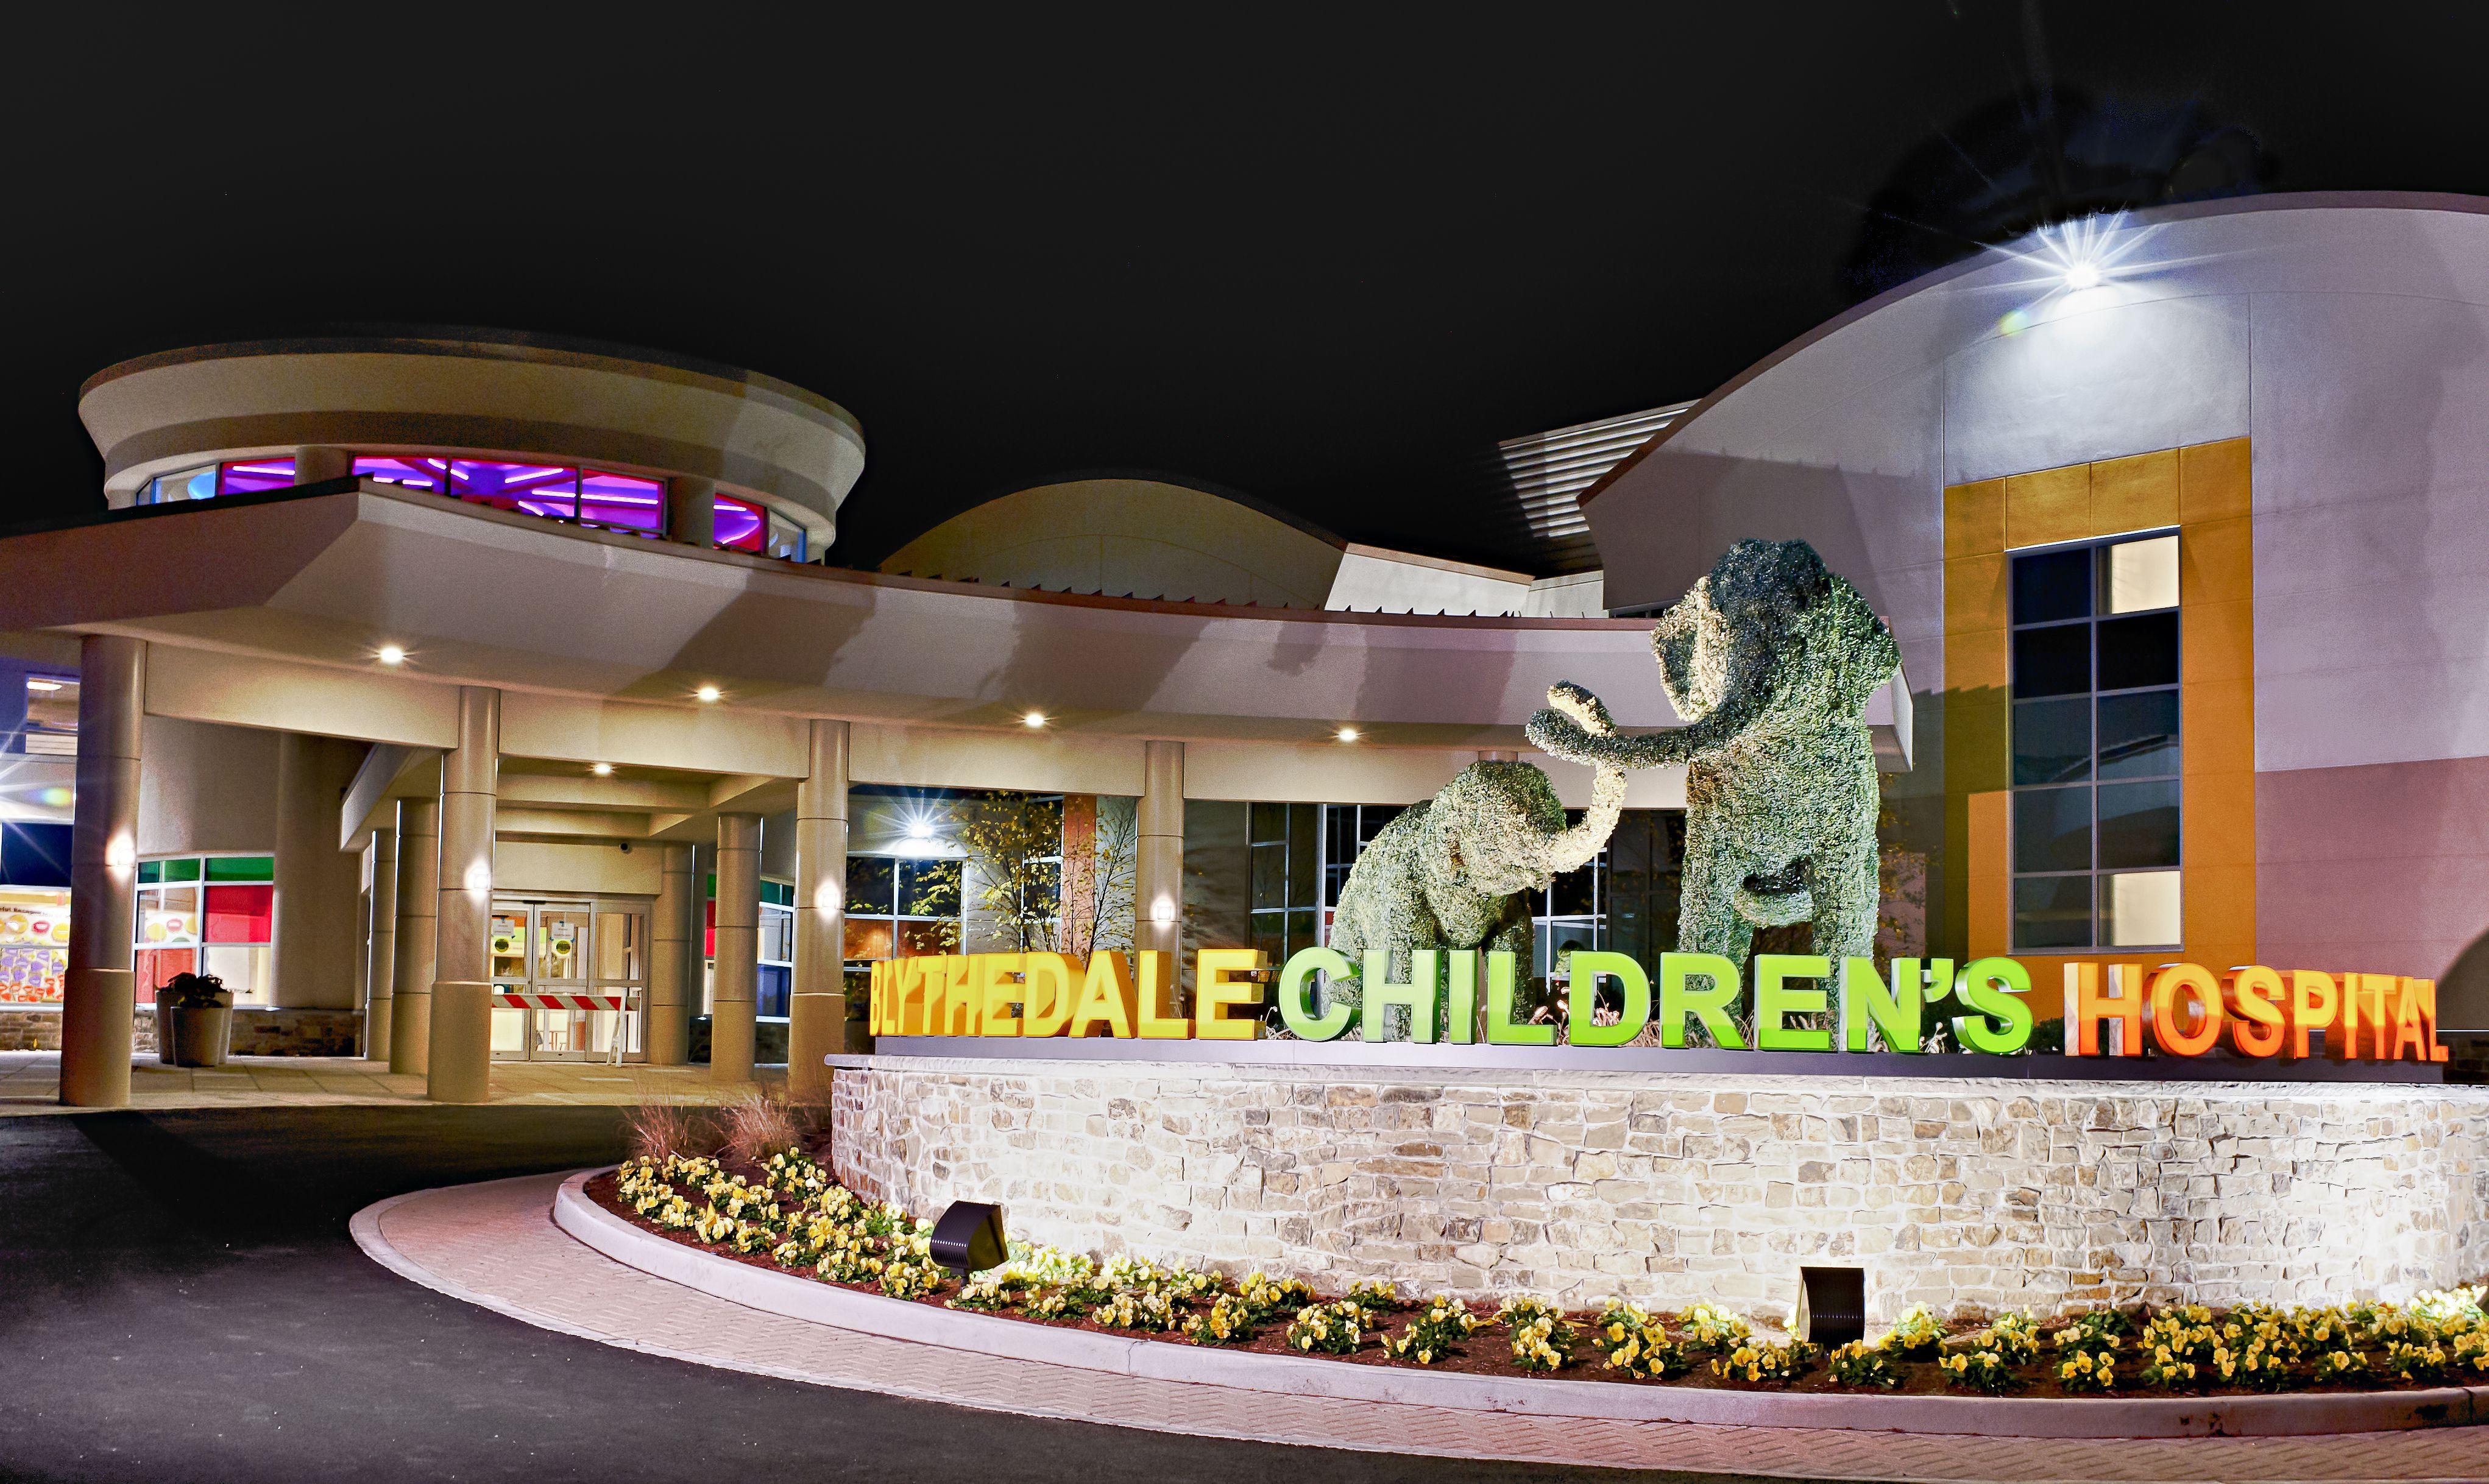 Blythedale Children's Hospital- Valhalla, NY Phase 1